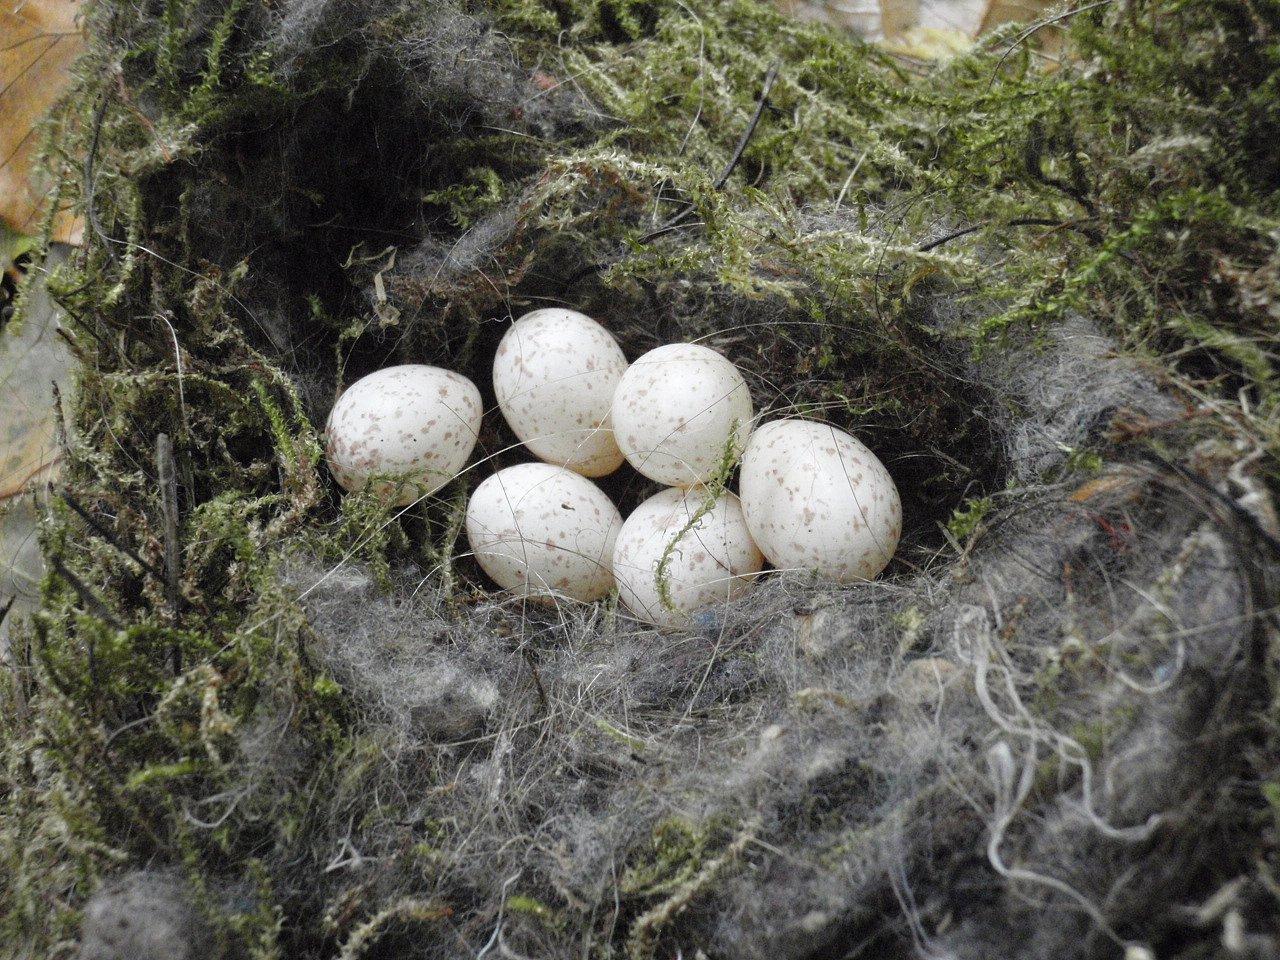 Tuto snůšku vajíček jsme objevili vjednom sýkorníku ve světelském parku během čištění budek vříjnu 2015.Možná potkalo ptačí rodiče nějaké neštěstí, možná šlo opozdní snůšku, kterou opustili. Bílá vajíčka sčervenými skvrnami mají délku 17mm.